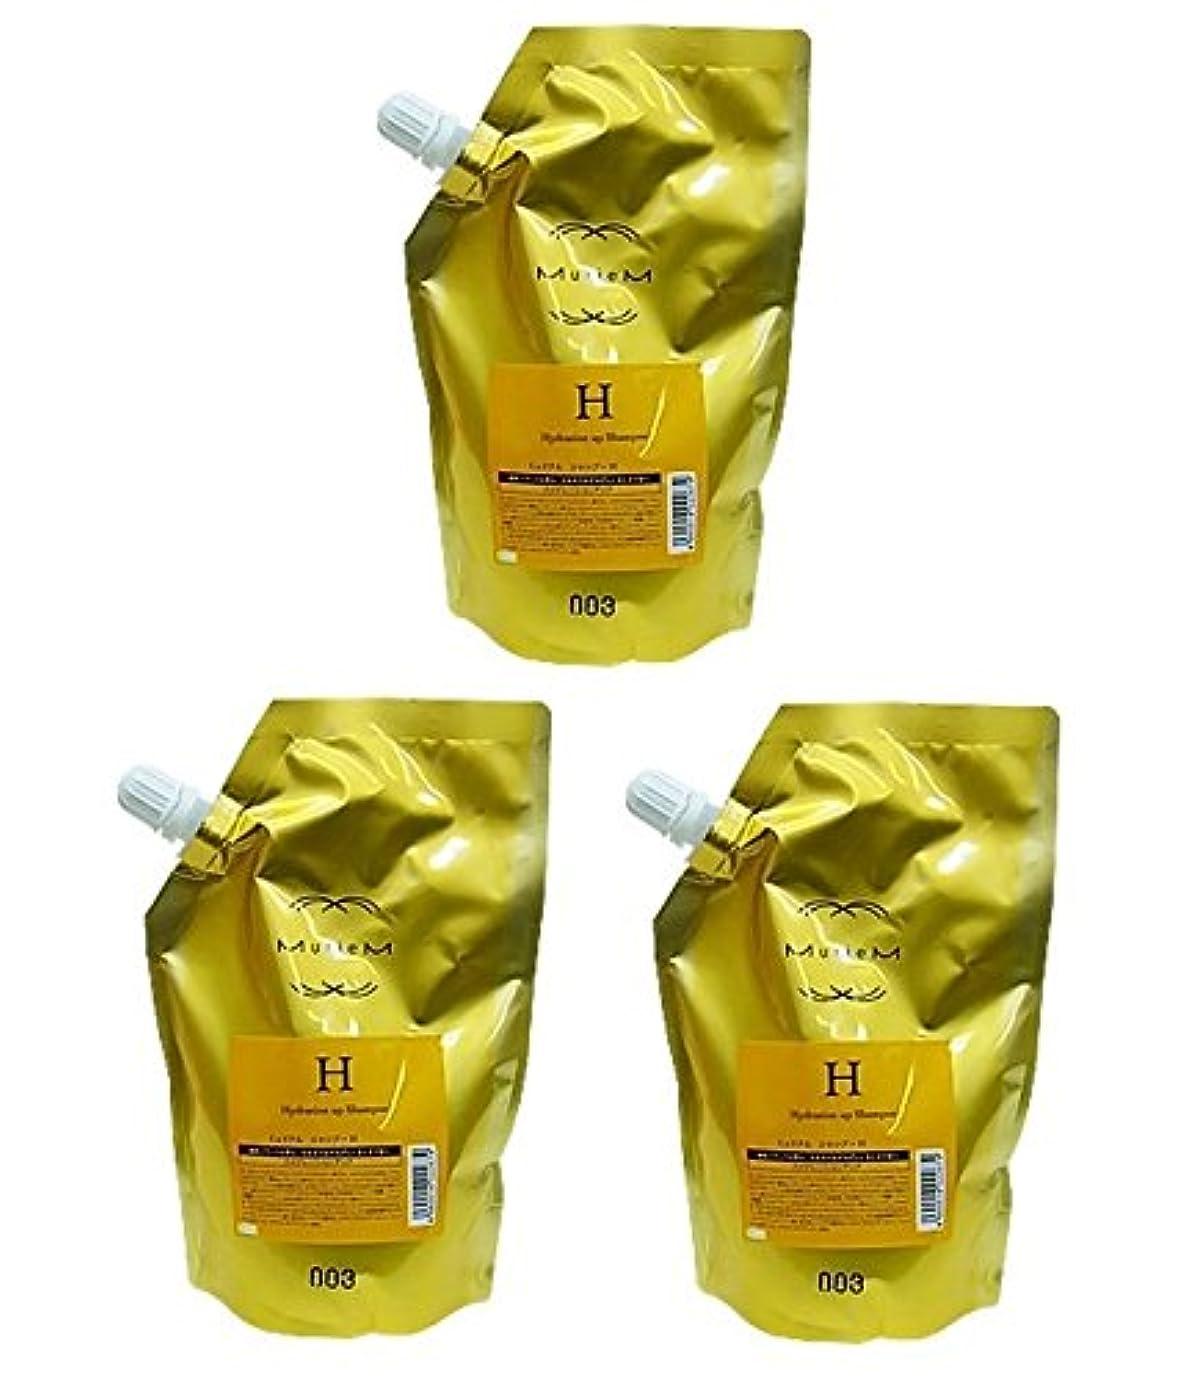 試す製油所スラッシュ【X3個セット】 ナンバースリー ミュリアム ゴールド シャンプー H 500ml 詰替え用